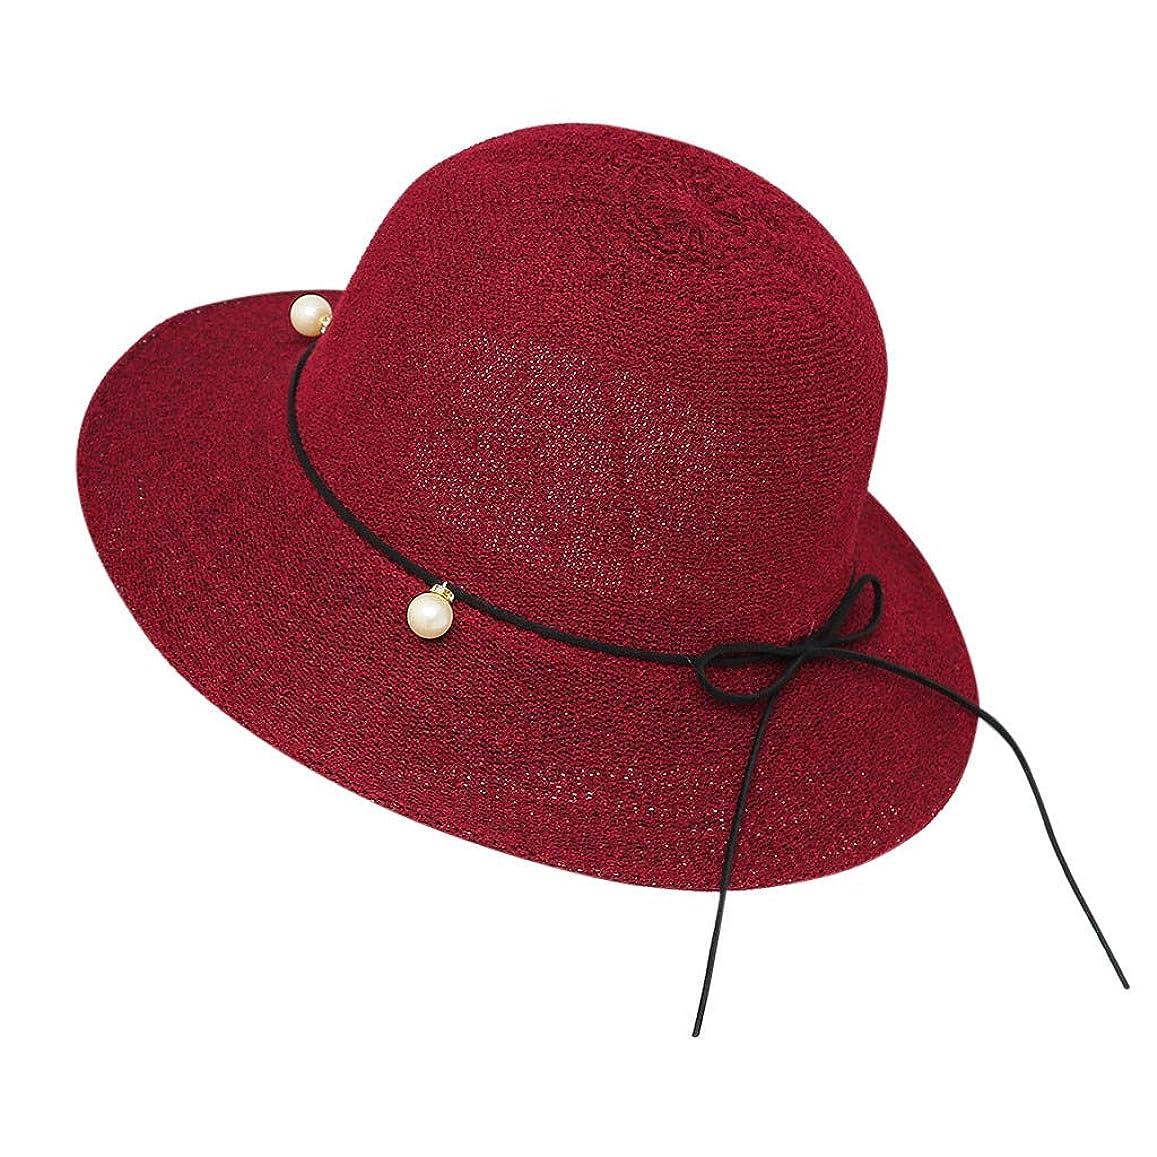 代表する階段揃える帽子 レディース 夏 女性 UVカット 帽子 ハット 漁師帽 つば広 吸汗通気 紫外線対策 大きいサイズ 日焼け防止 サイズ調節 ベレー帽 帽子 レディース ビーチ 海辺 森ガール 女優帽 日よけ ROSE ROMAN